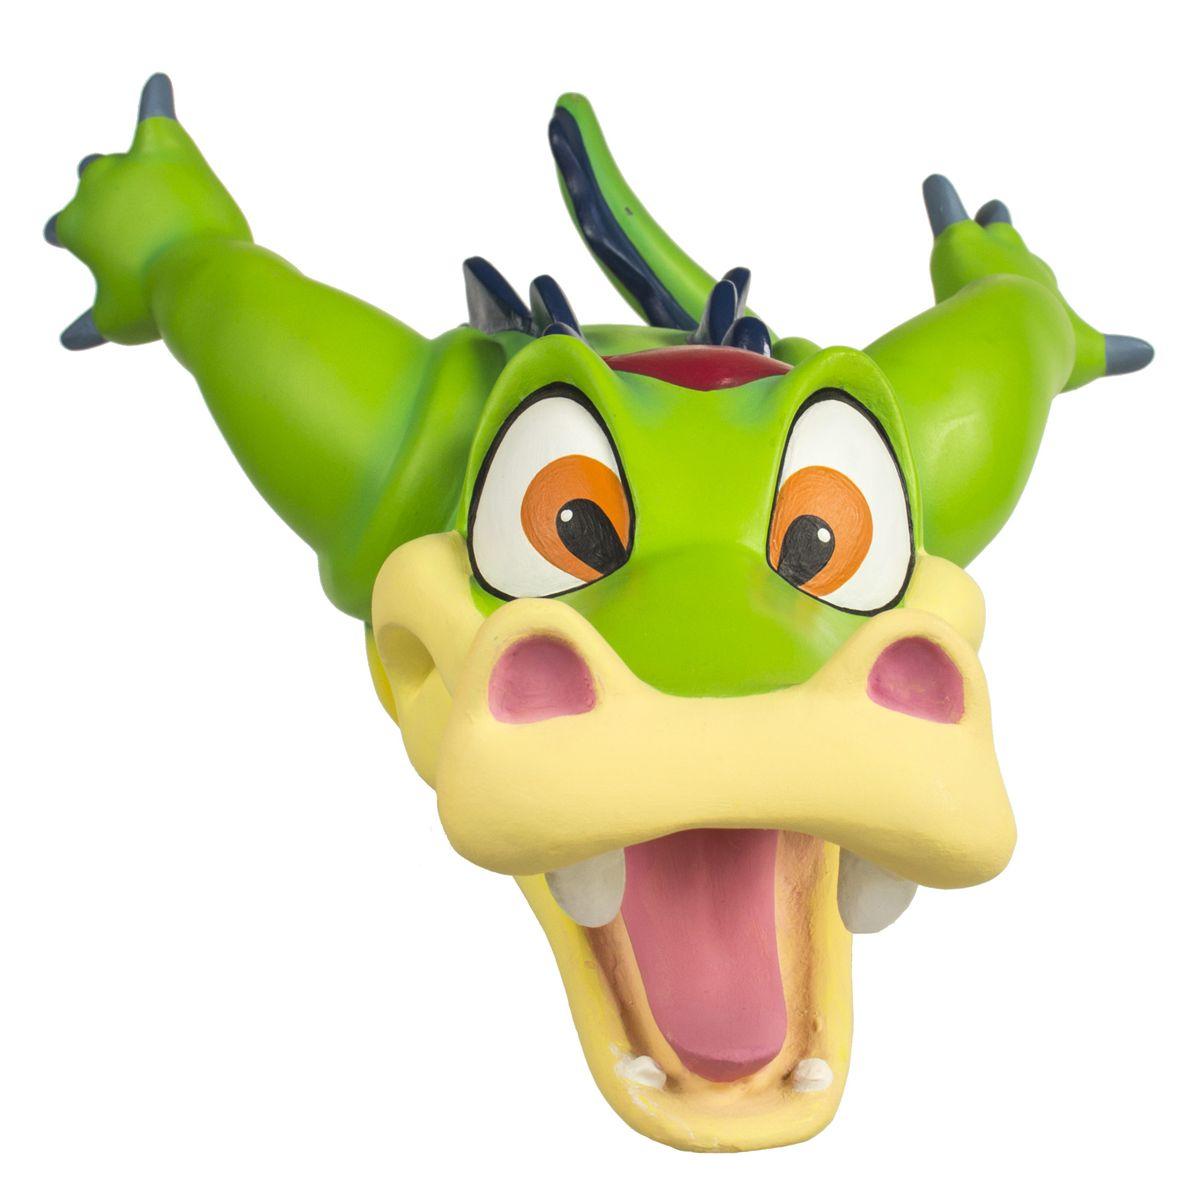 Disney Store Fantasia Dancing Alligator Display Statue